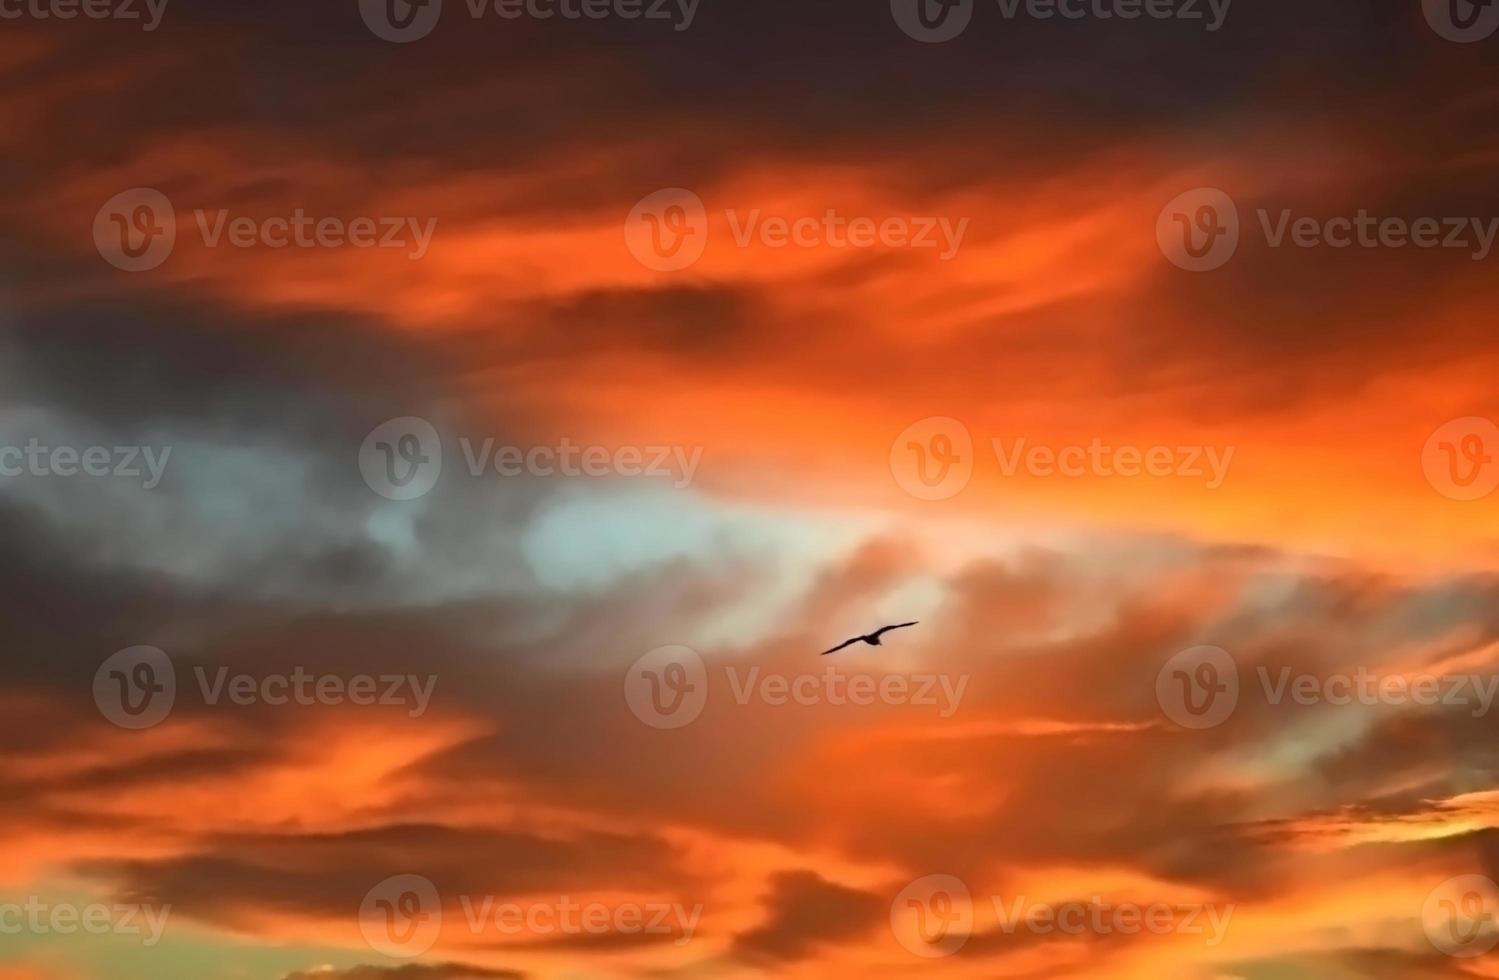 Vogel fliegt auf einem abgefeuerten Himmel foto